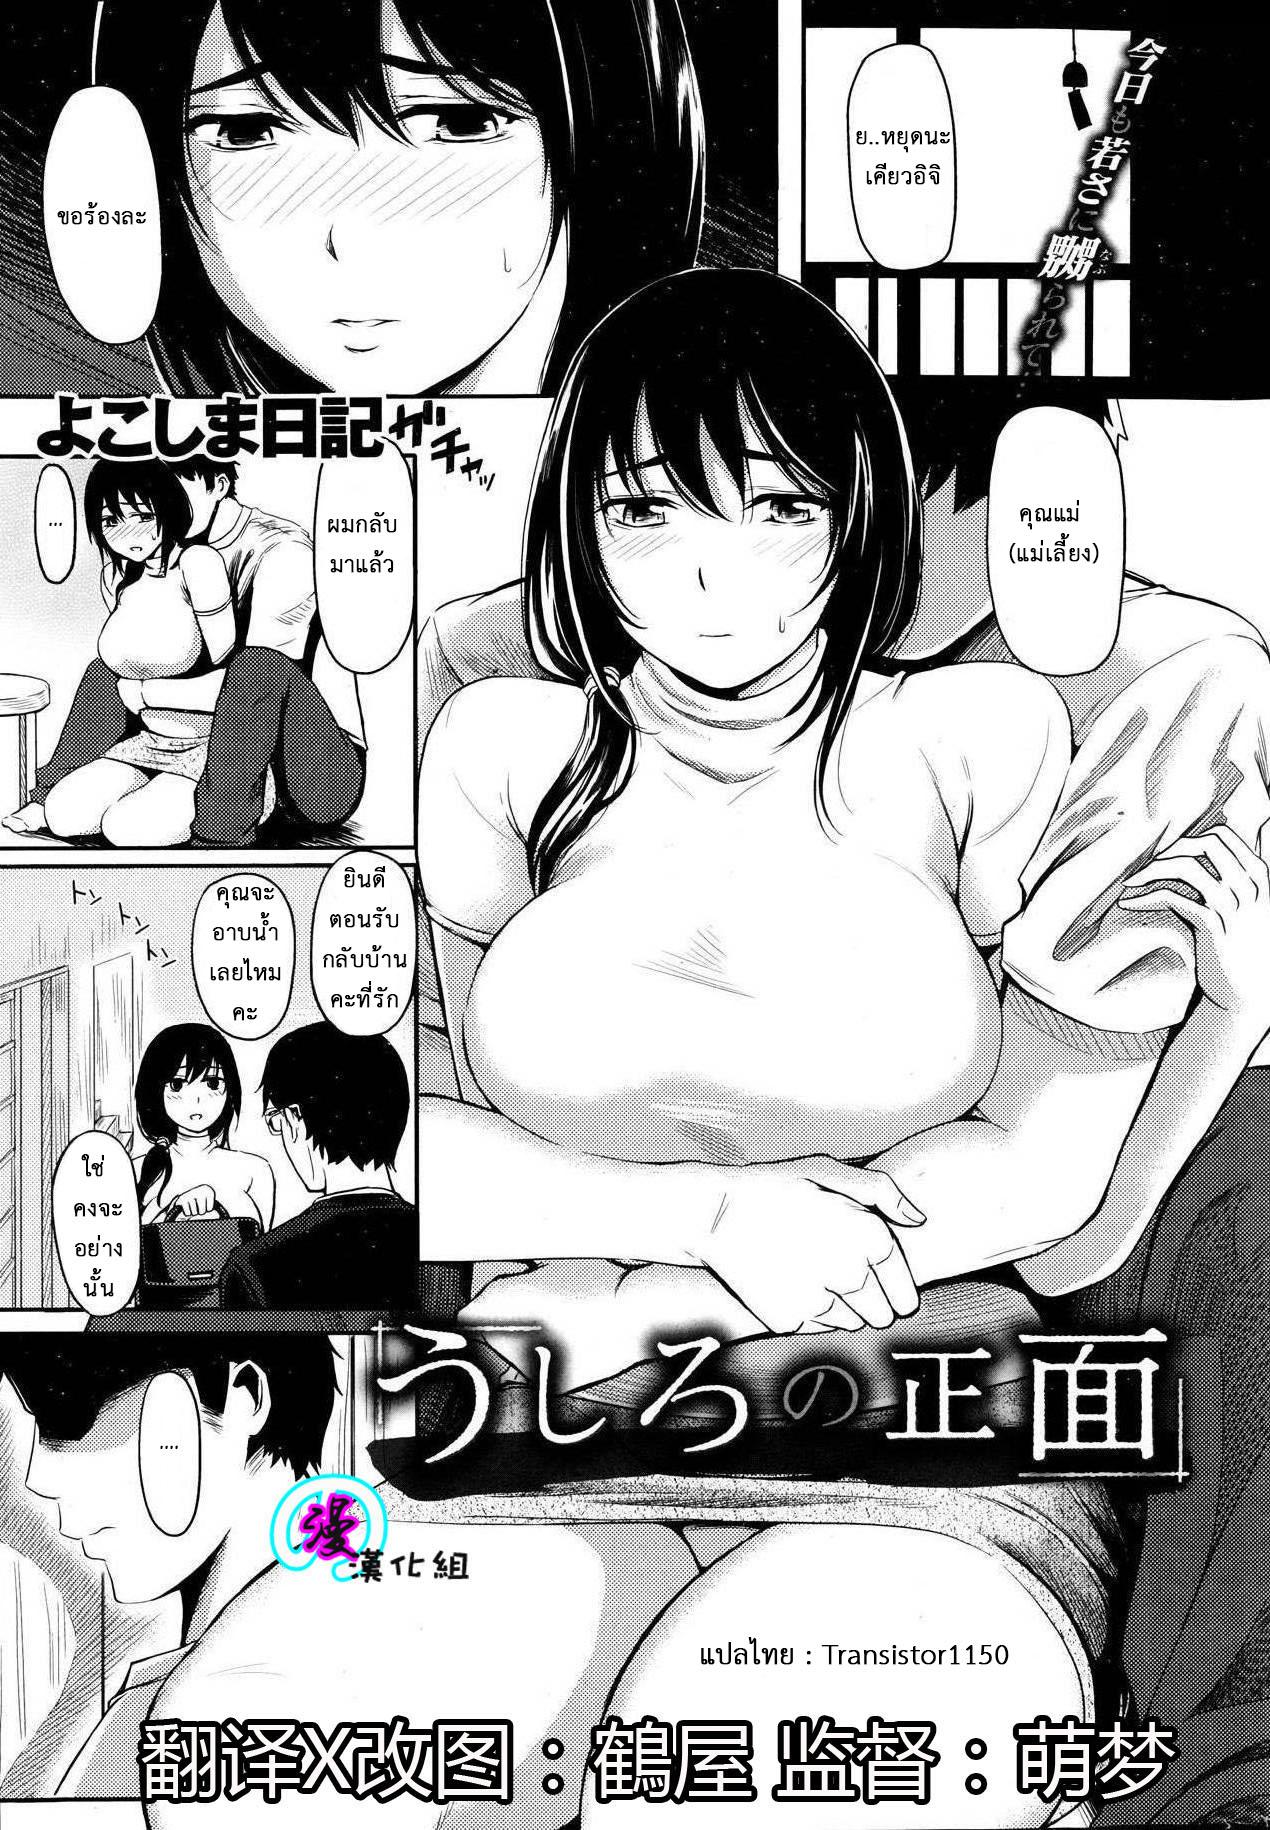 ขืนใจแม่เลี้ยง - Page #1